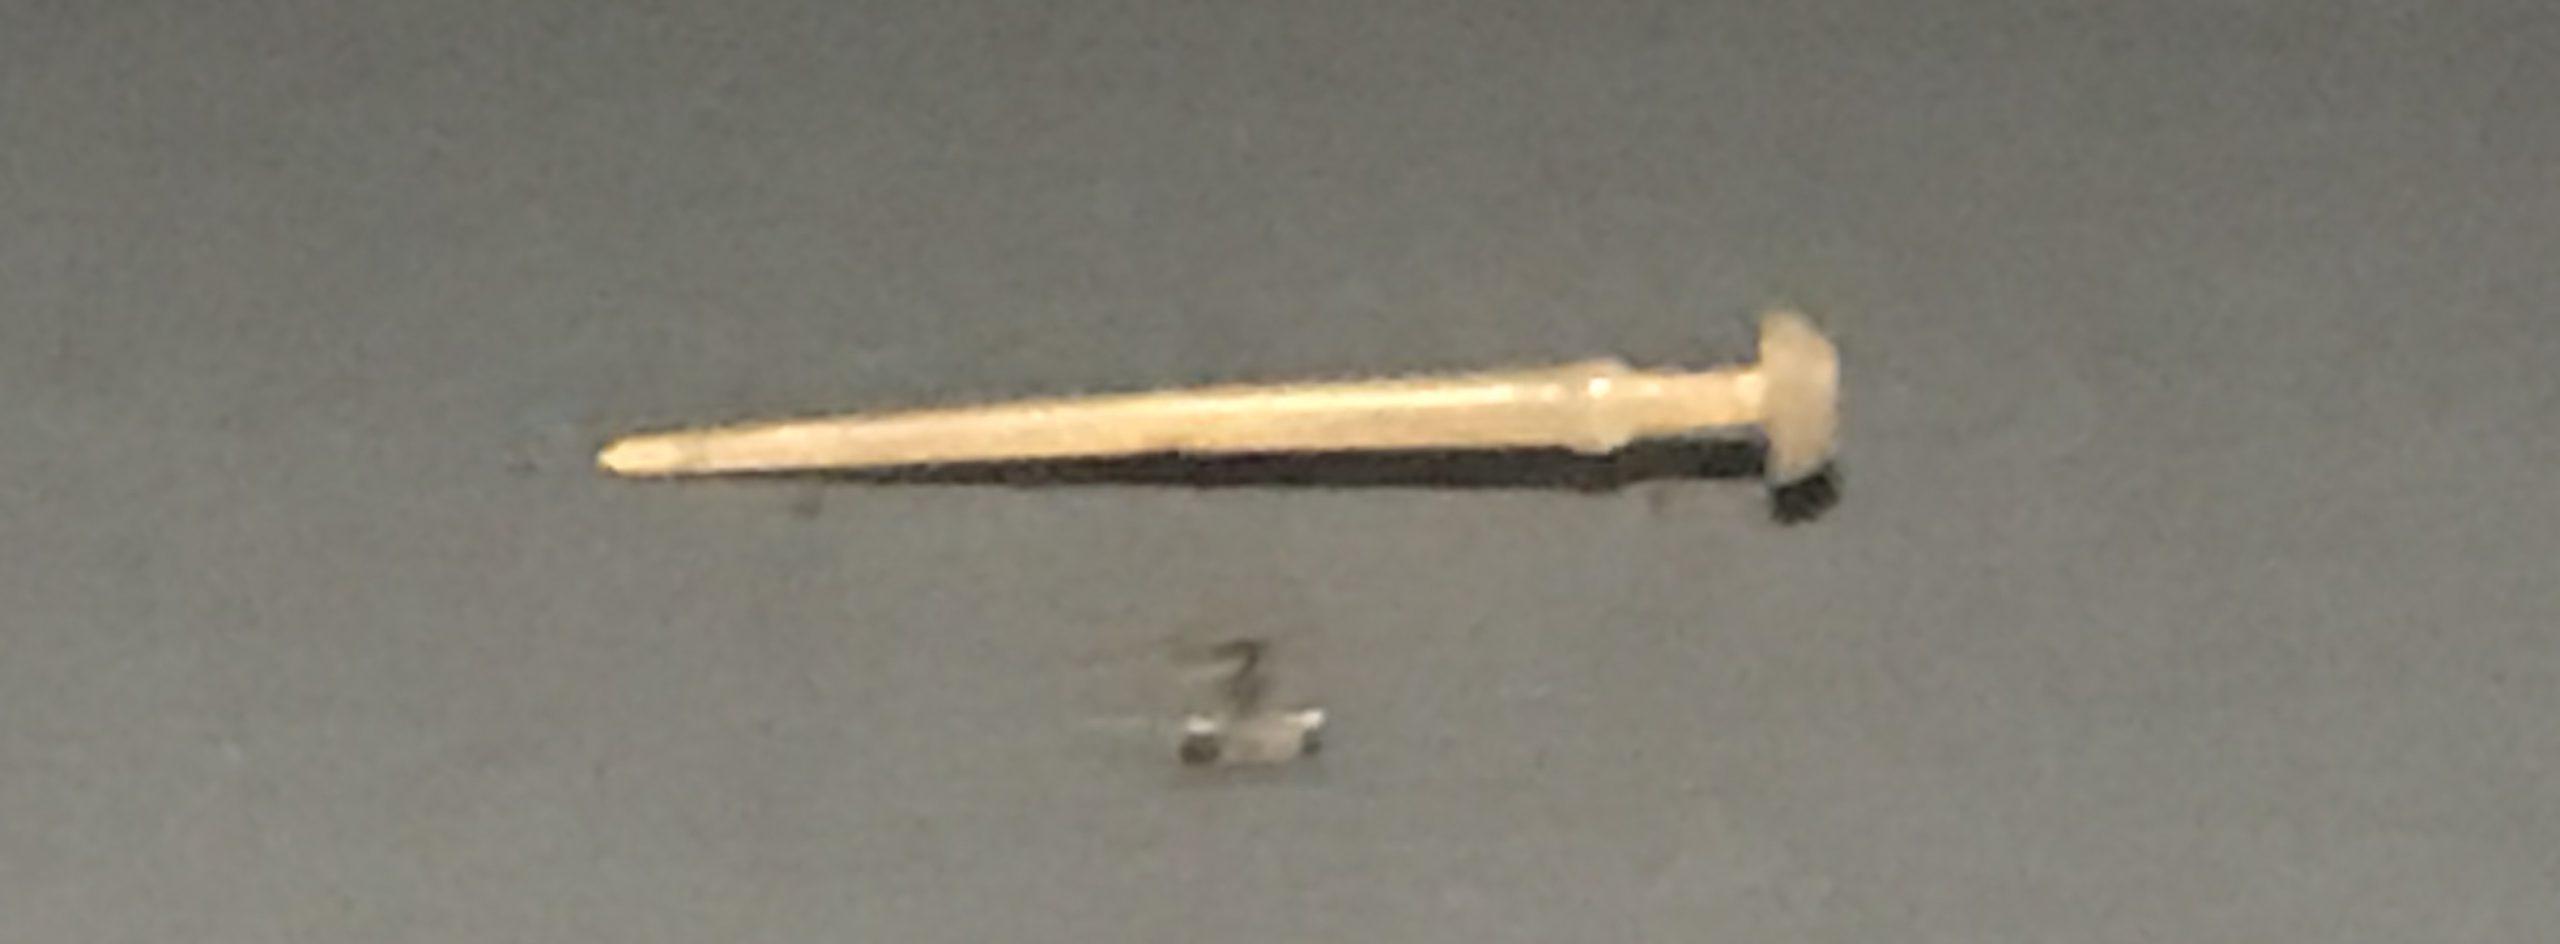 鳳頭金釵-金釵-花葉紋金圧発-暗八仙紋金圧発-玉圧発-玉簪-明清時代-常設展F3-成都博物館